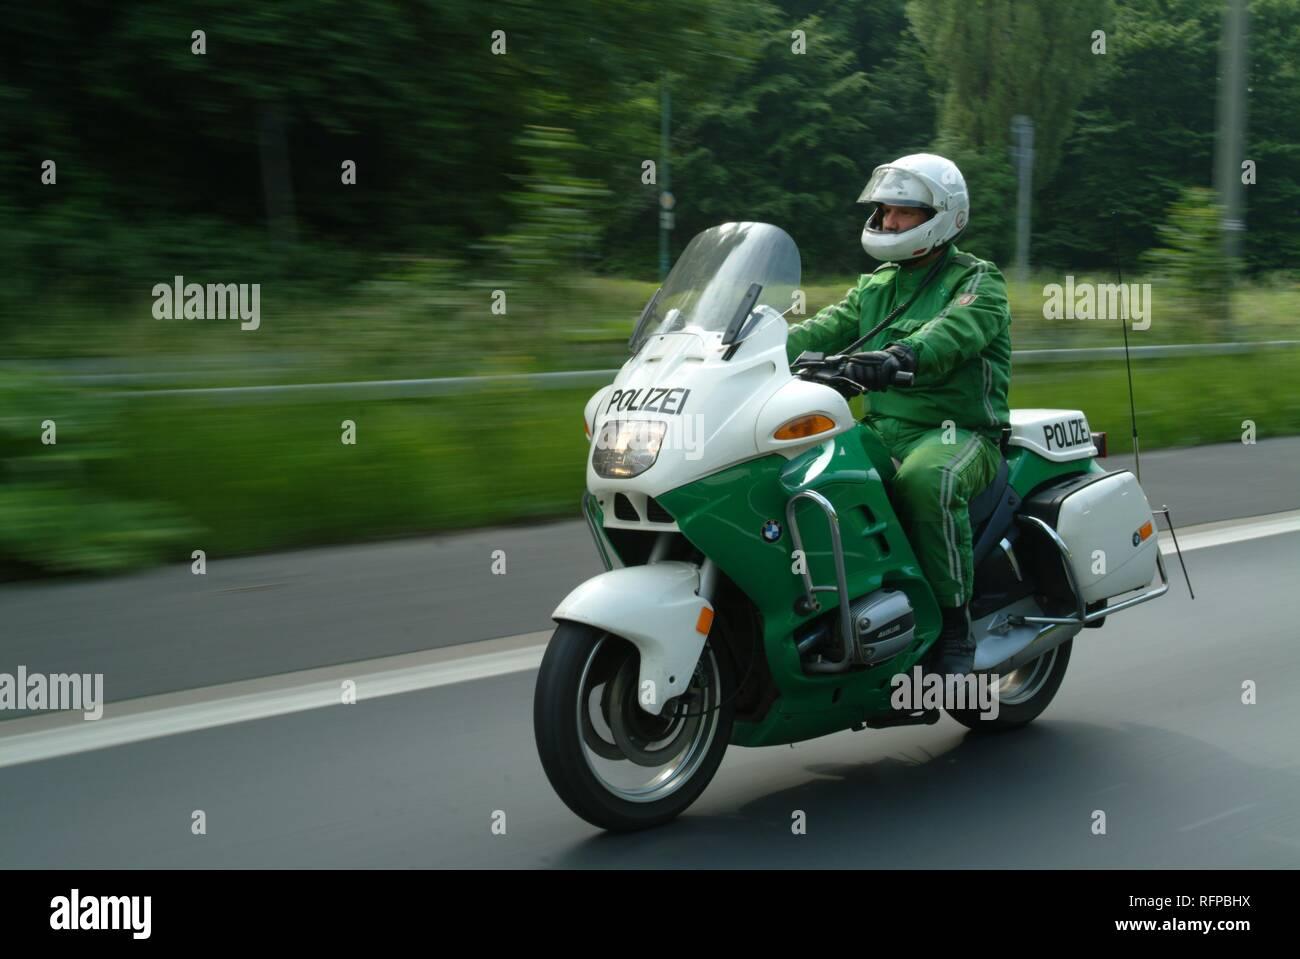 DEU, Germany, Duesseldorf : Police bike patrol. - Stock Image